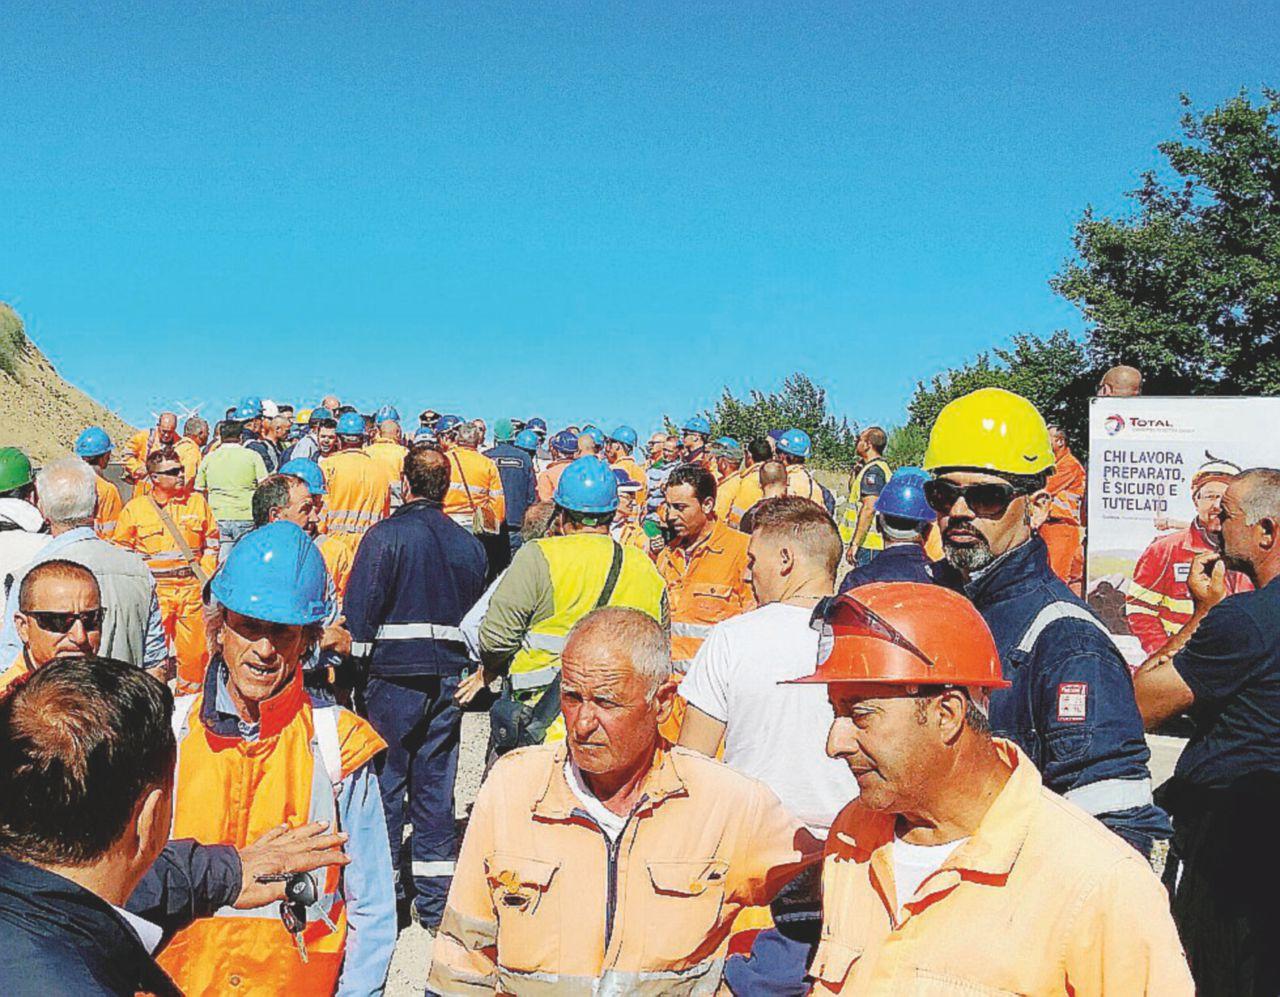 Gli operai italiani bloccano i romeni davanti alla Total